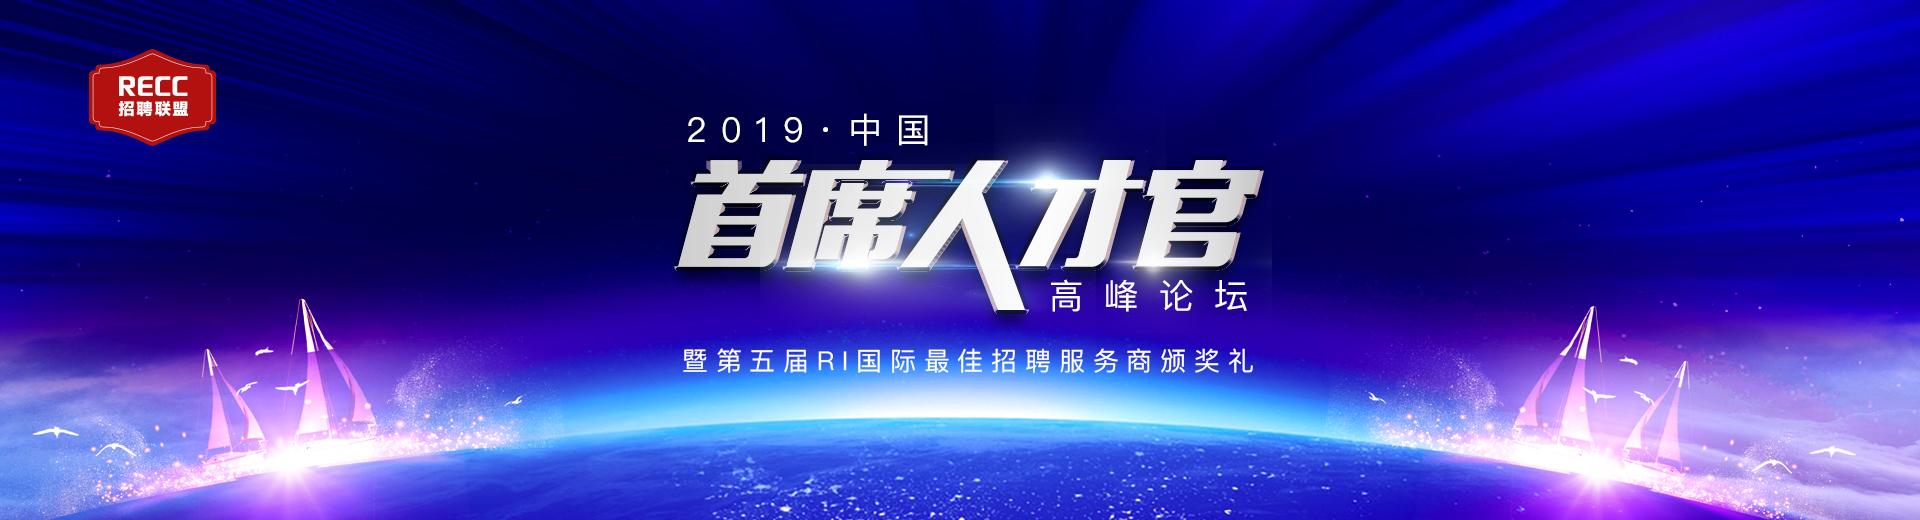 2019中国首席人才官高峰论坛暨第五届RI国际最佳招聘服务商颁奖礼